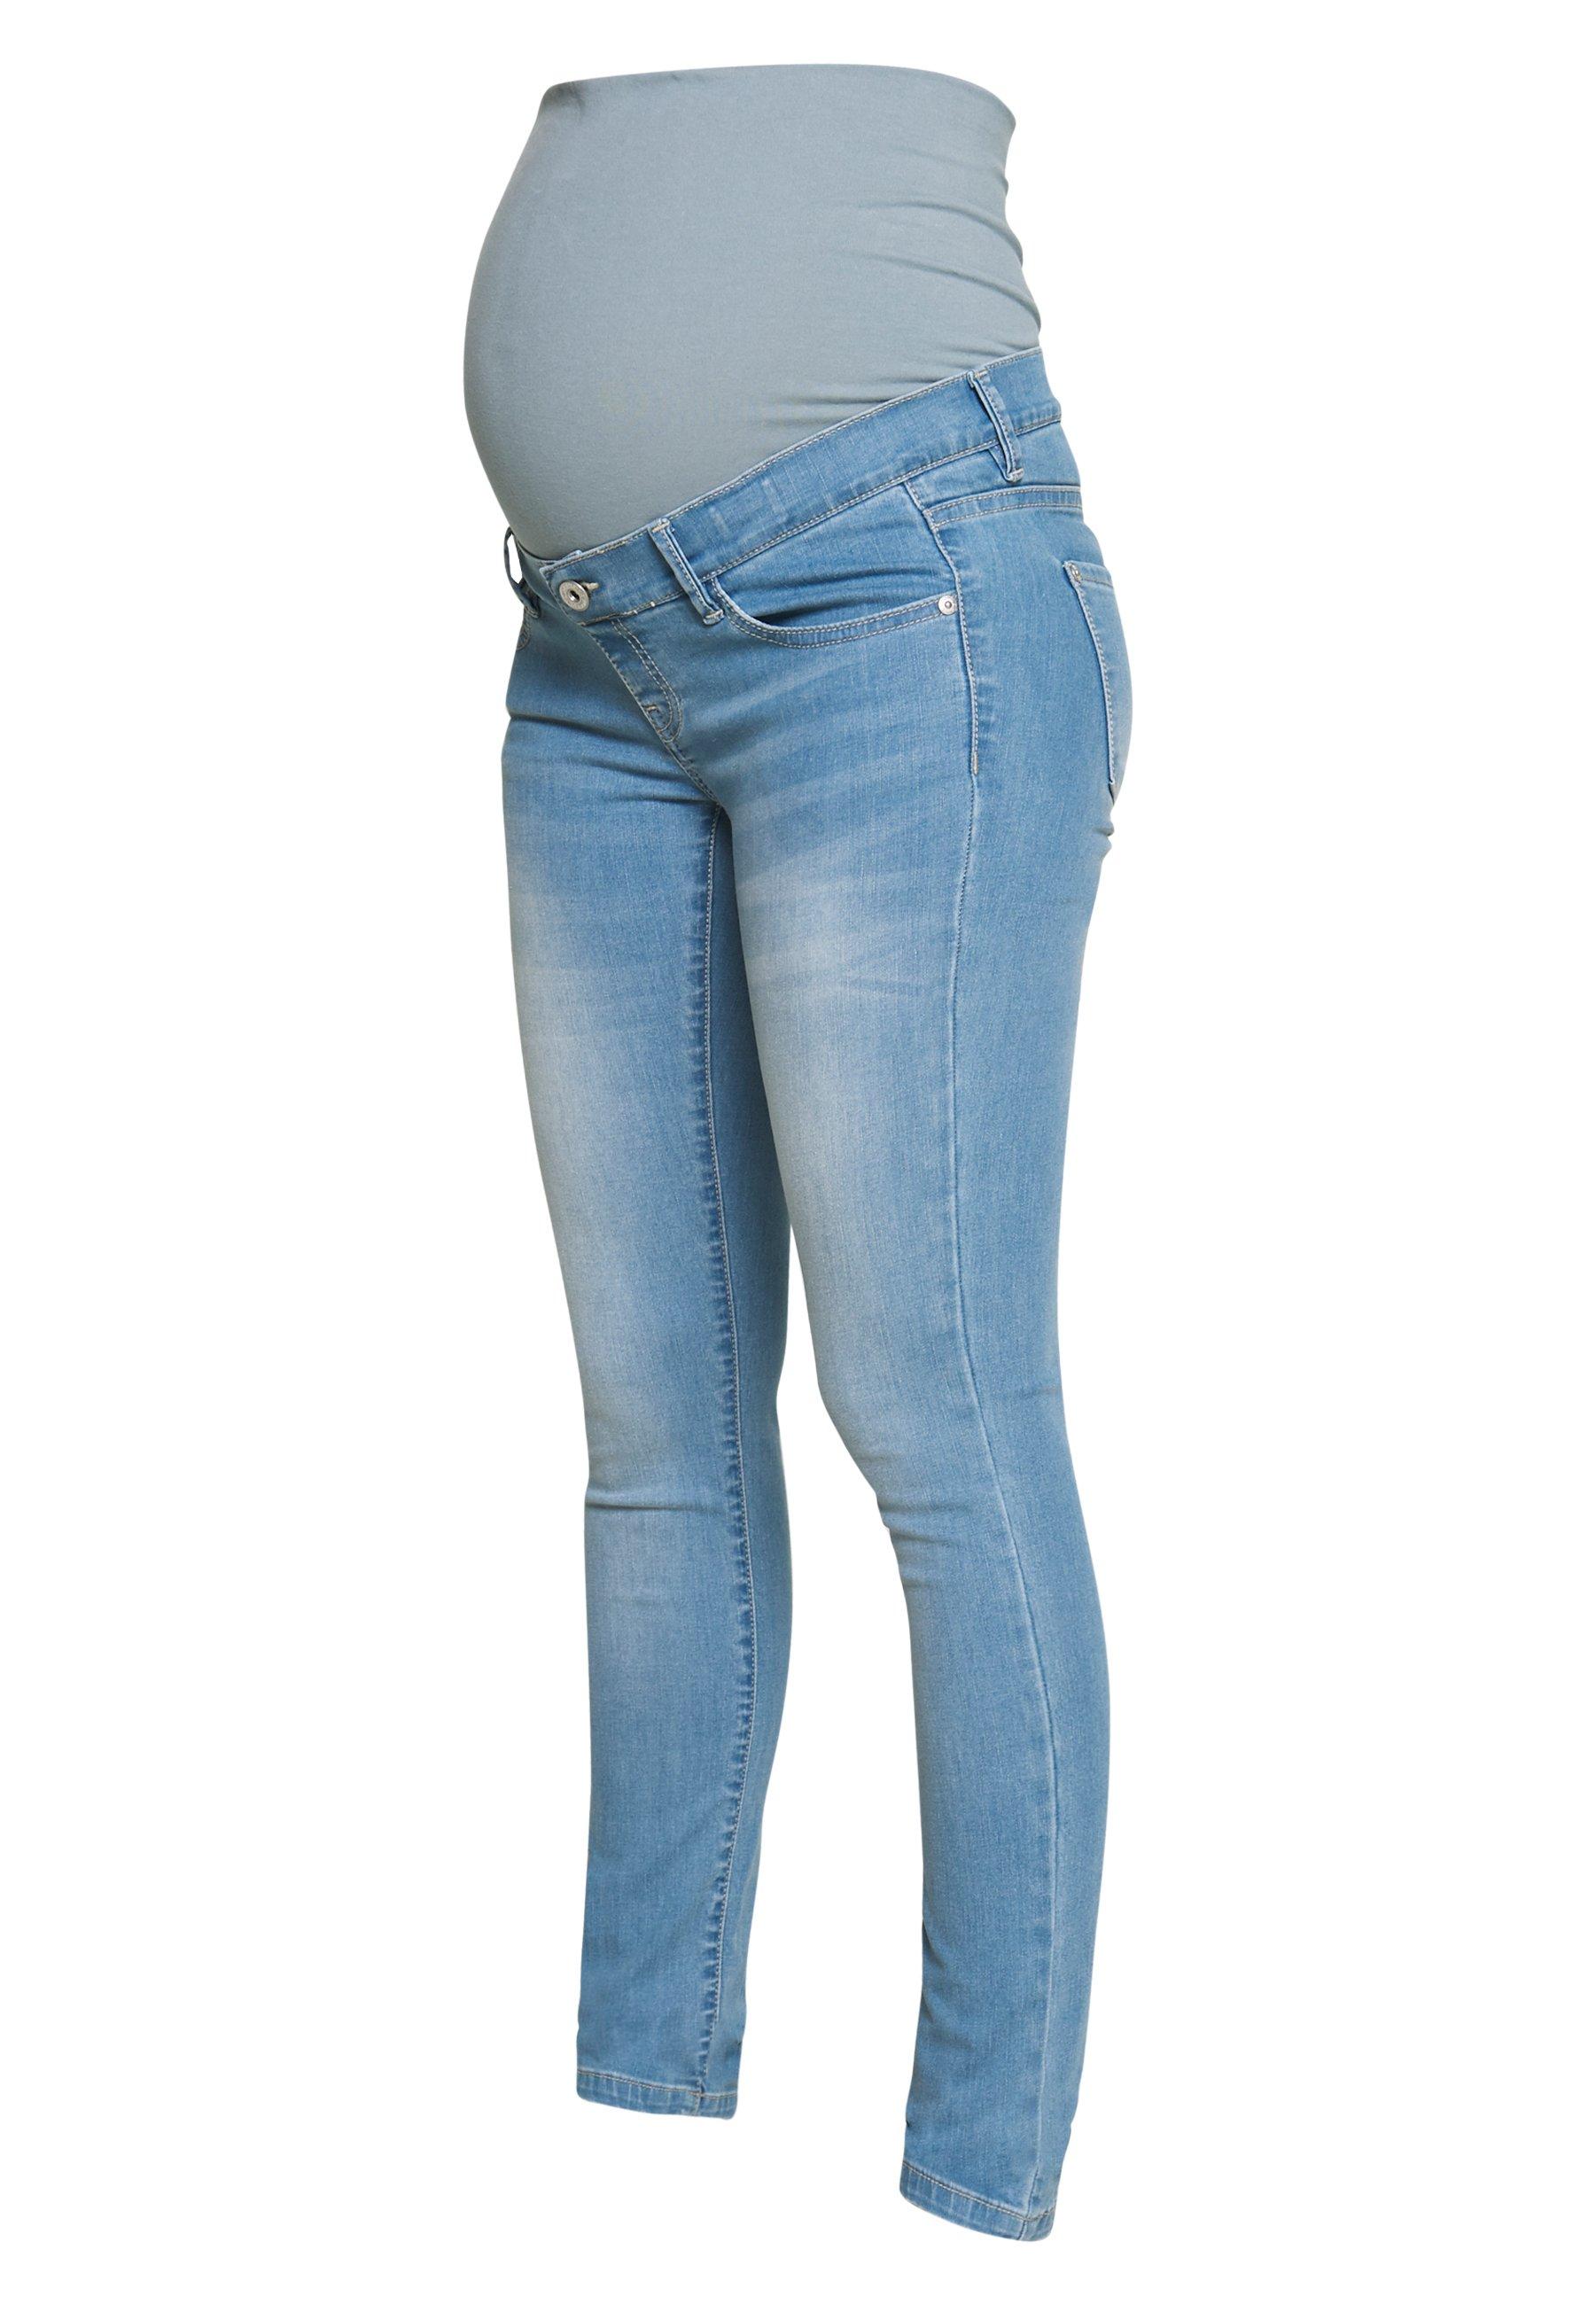 Supermom Jeansy Skinny Fit - light blue denim